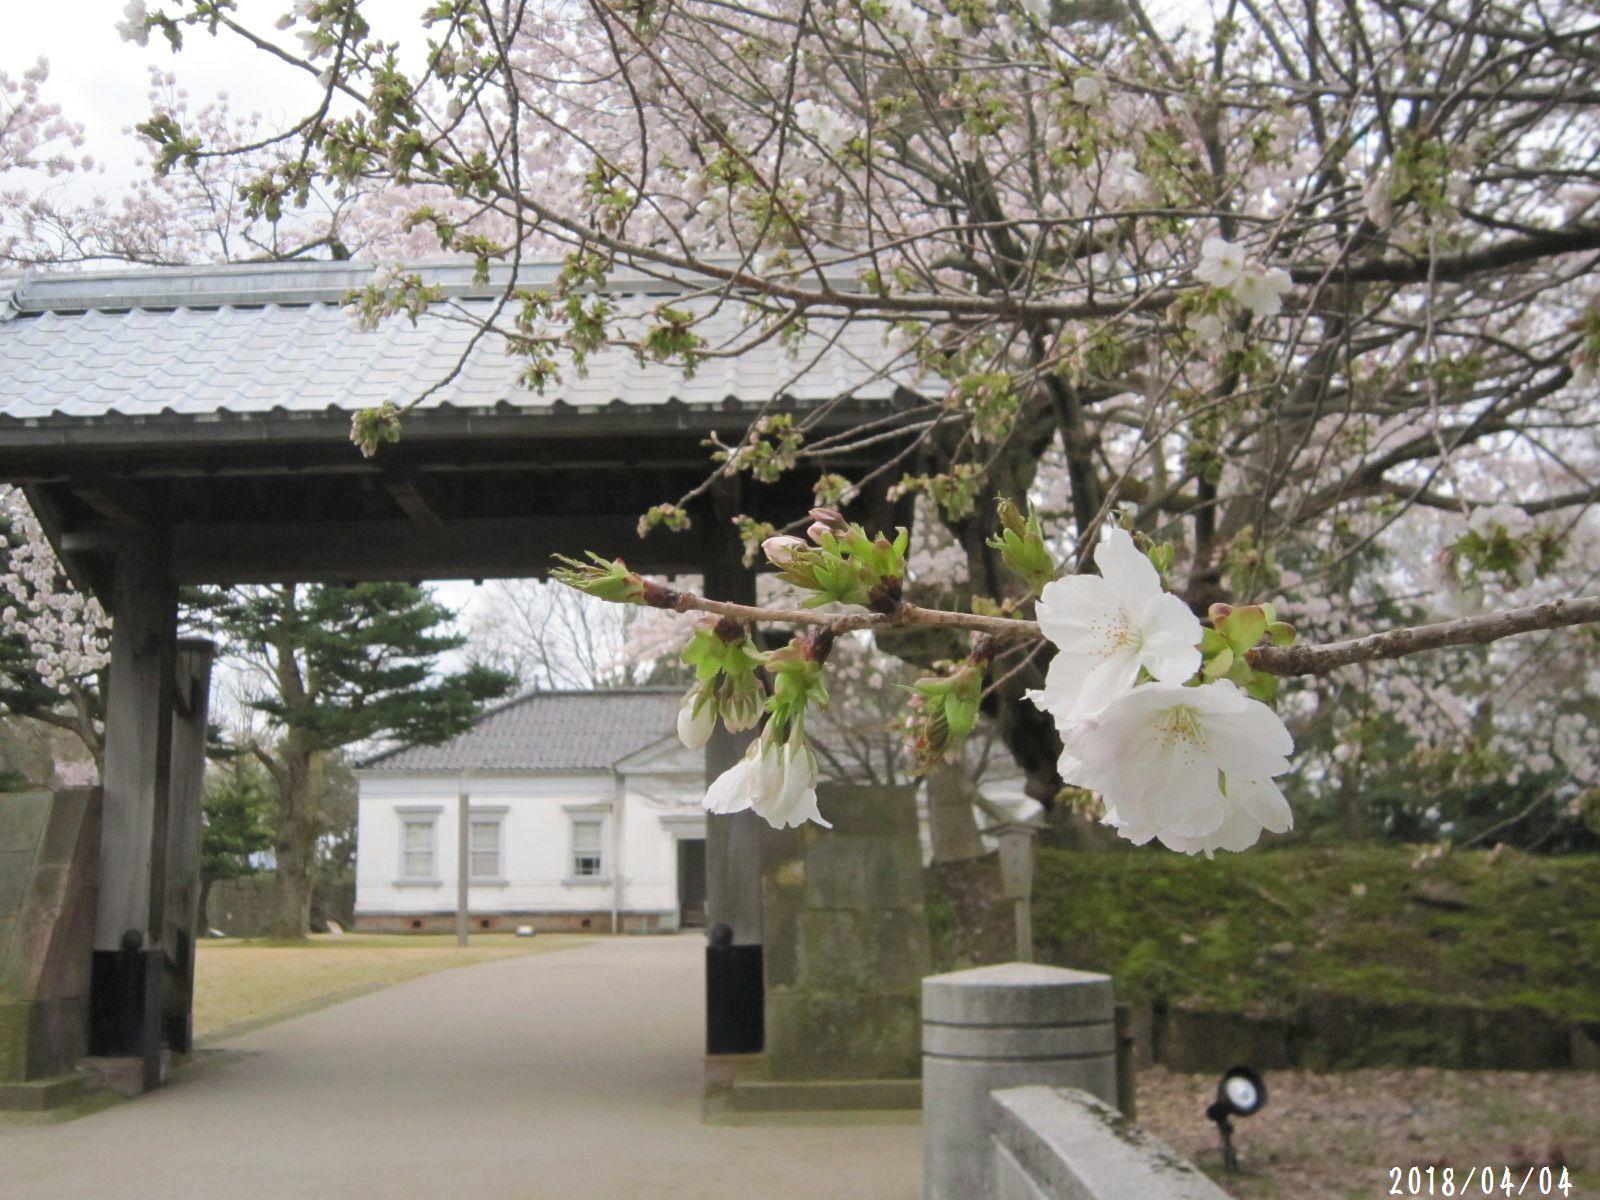 桜だより❀ 満開です❀ (4月7日 追記あり)  _a0207574_16544655.jpg